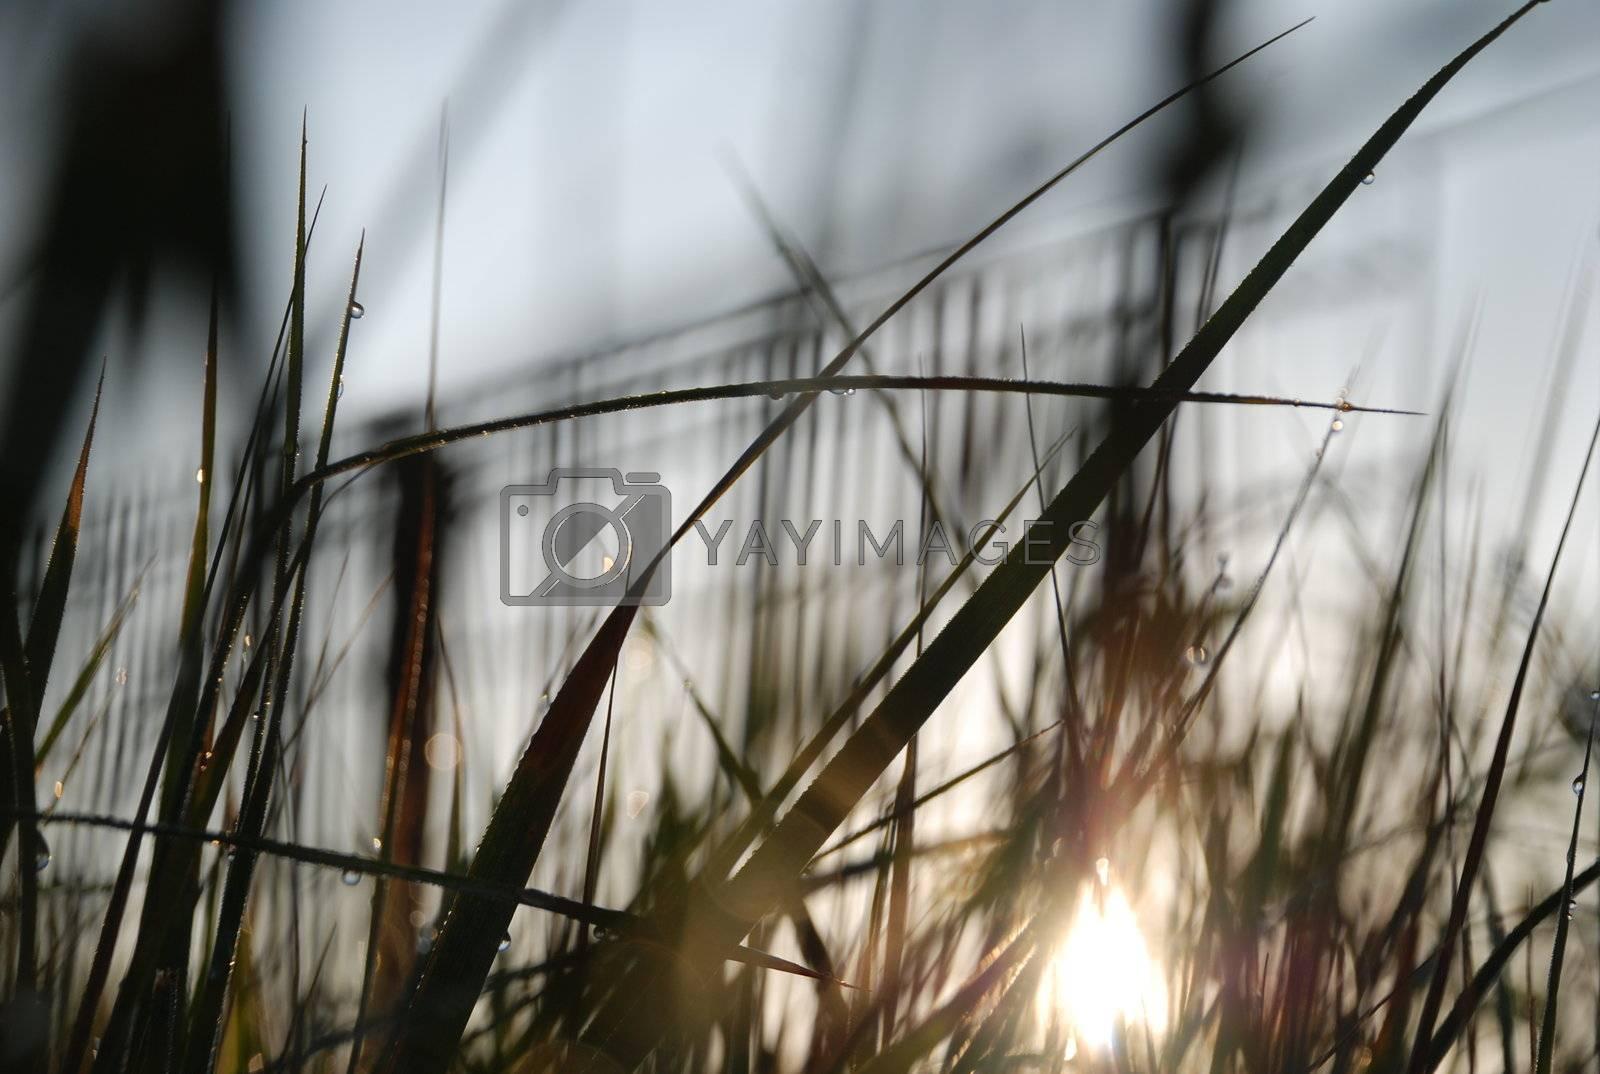 Royalty free image of sunrise by ArtemPasha